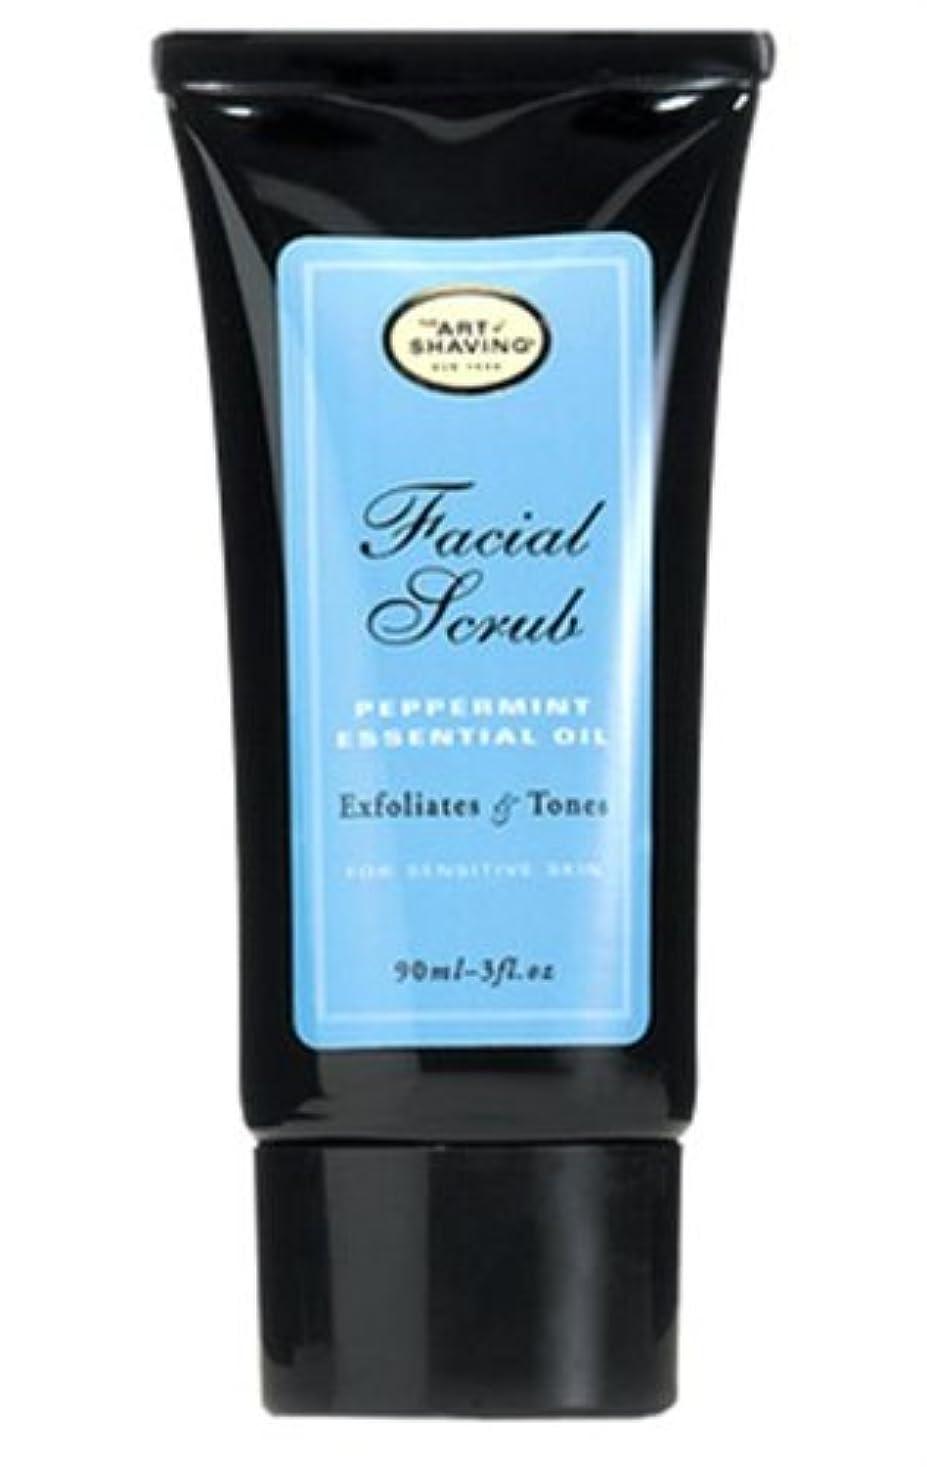 フロンティアパラダイス百万The Art Of Shaving Facial Scrub With Peppermint Essential Oil (並行輸入品) [並行輸入品]